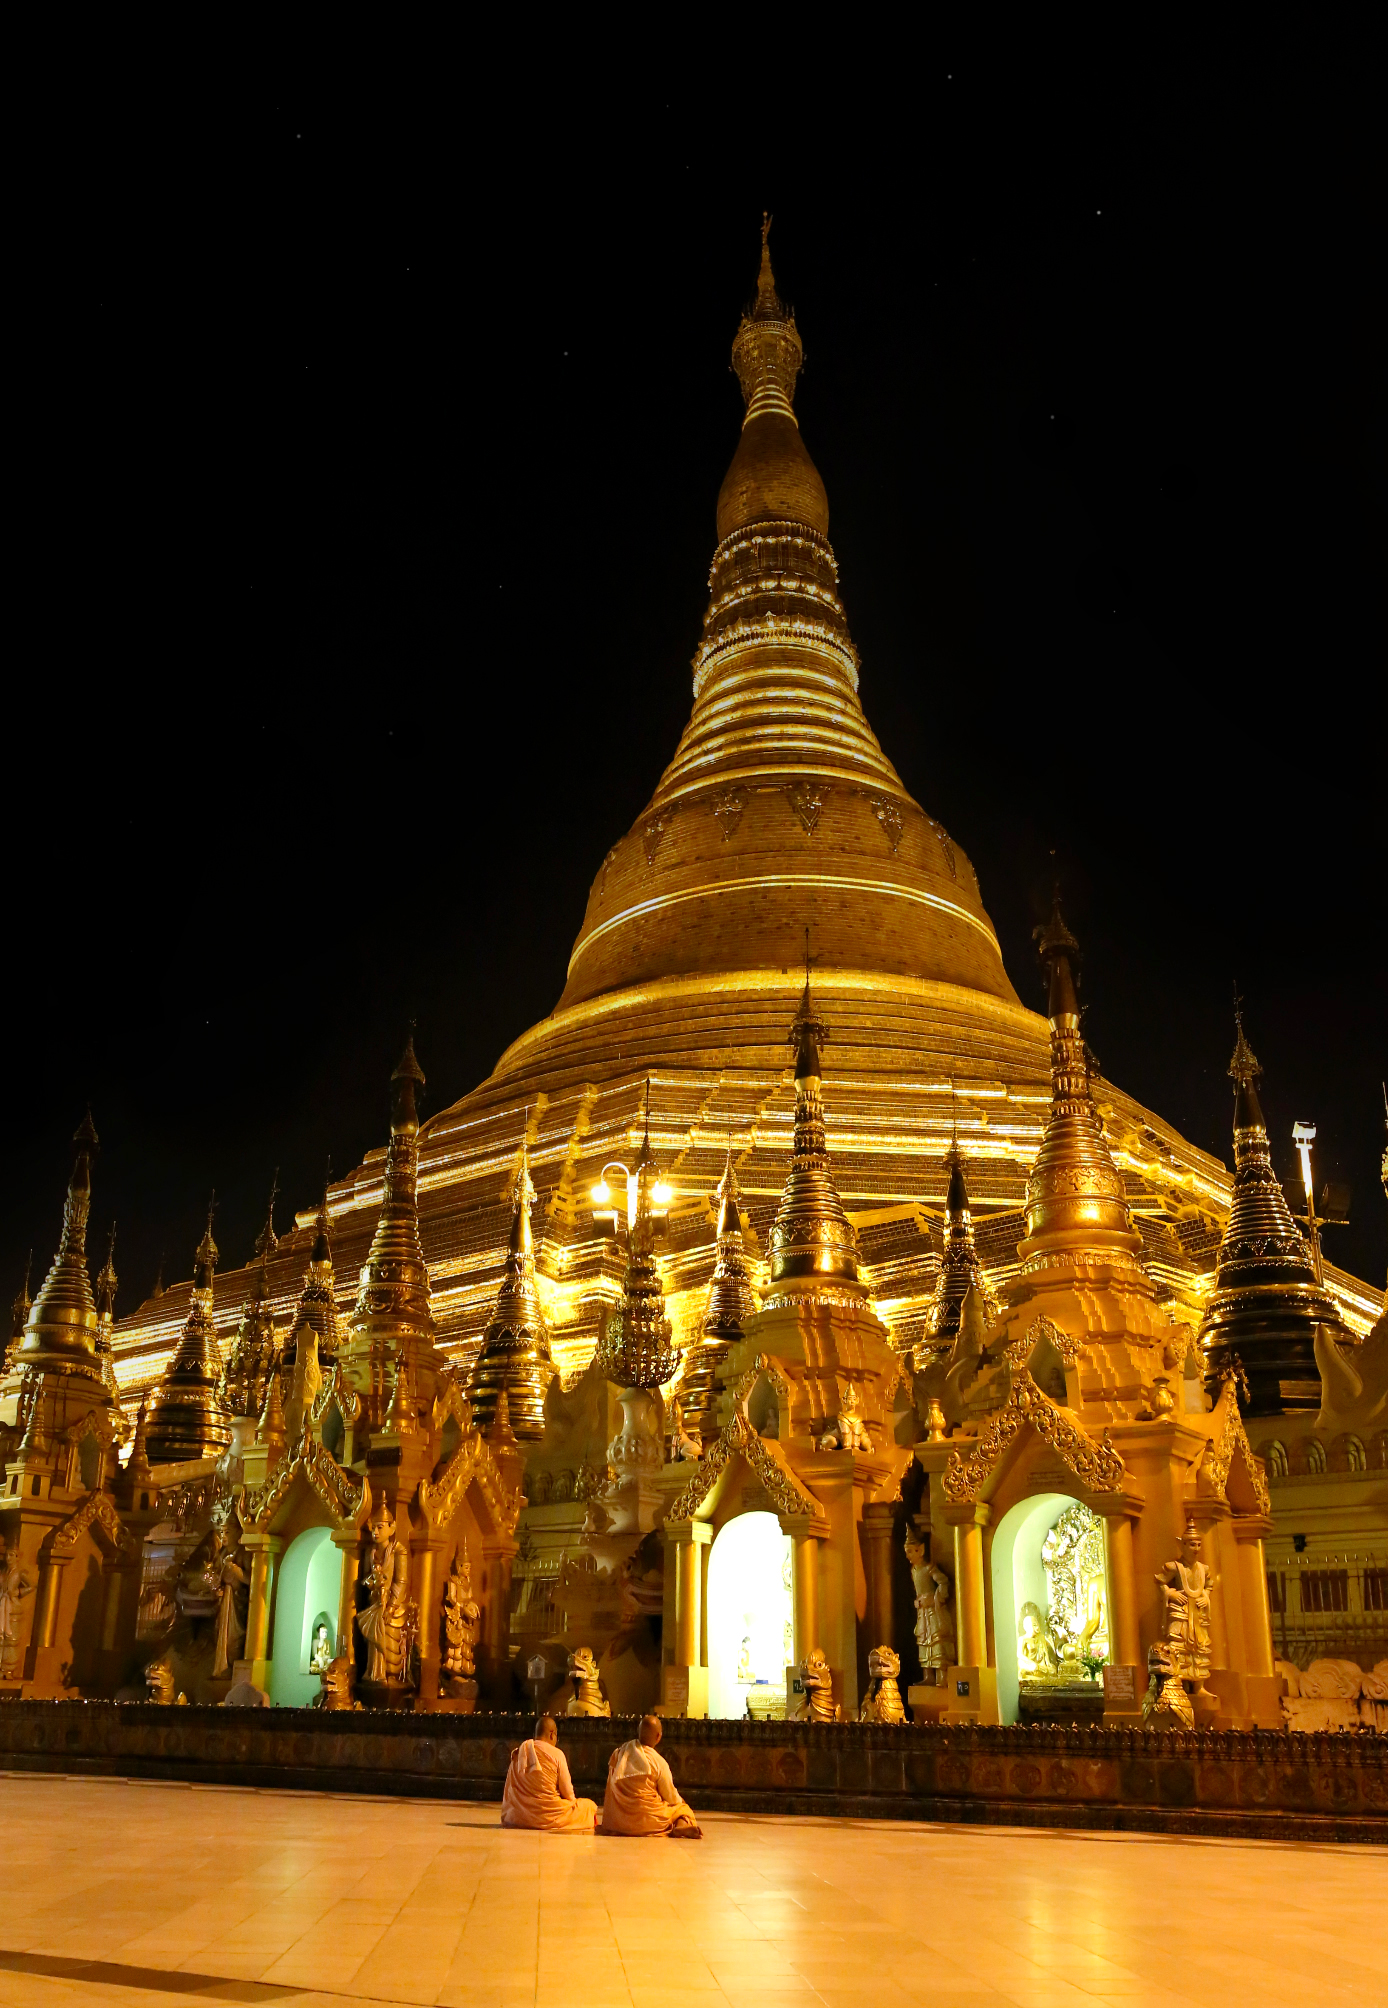 Schwedagon Pagoda Web